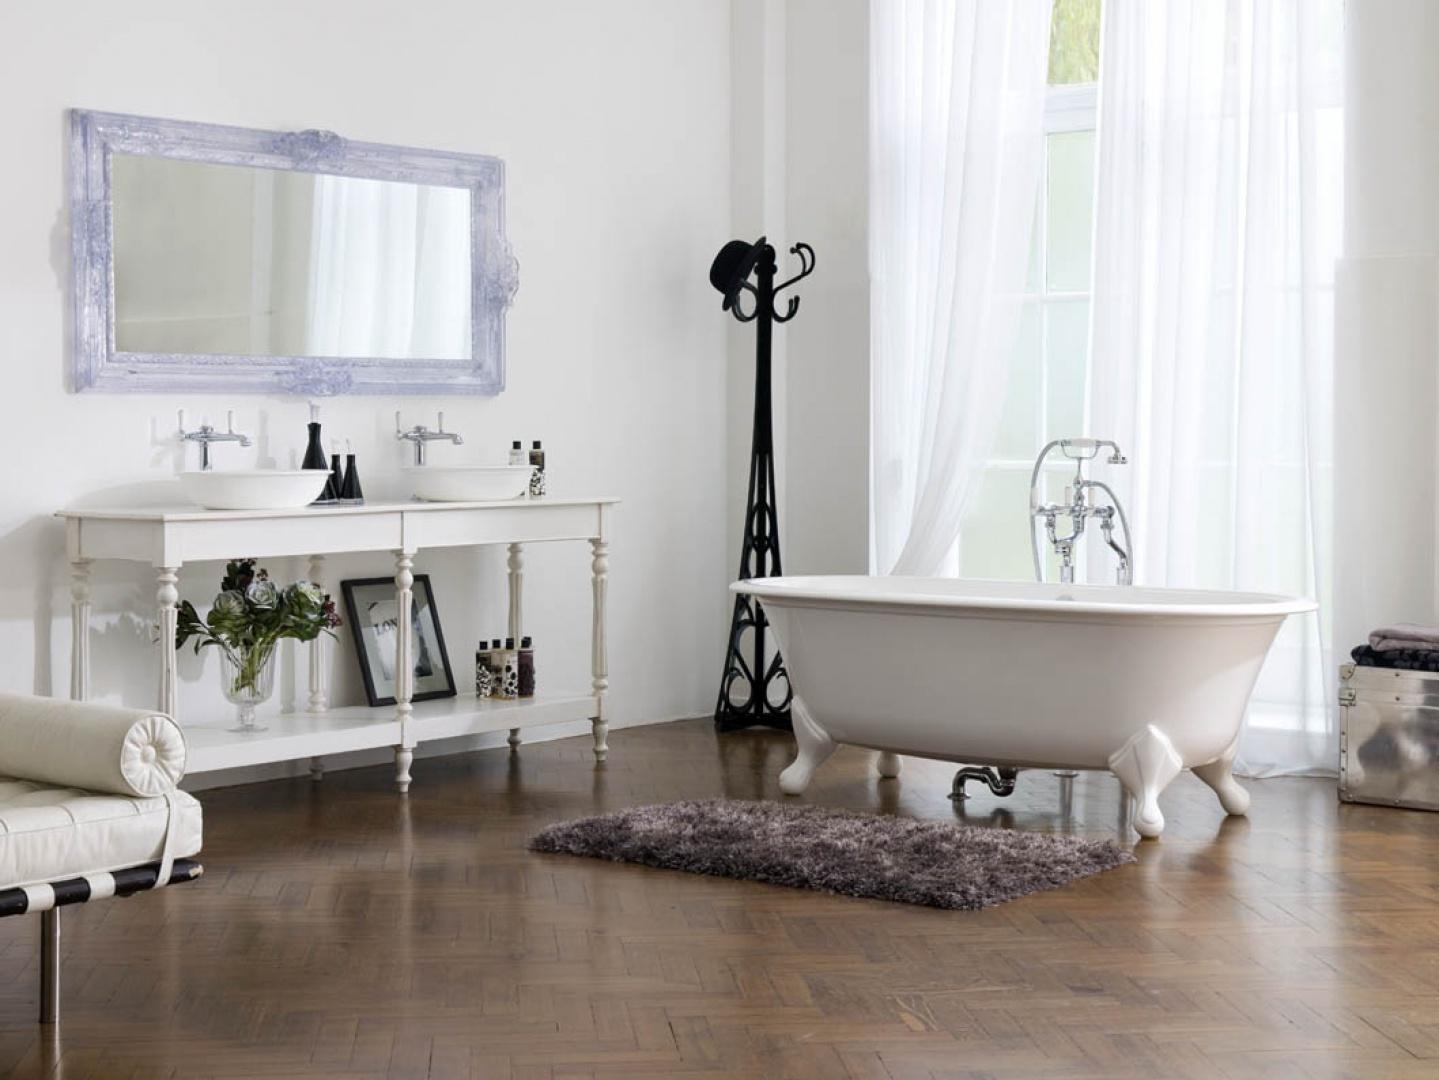 Klasyczna wanna na nóżkach, model  Radford z katalogu Victoria+Albert idealna do łazienki w stylu angielskim. Fot. Victoria+Albert.